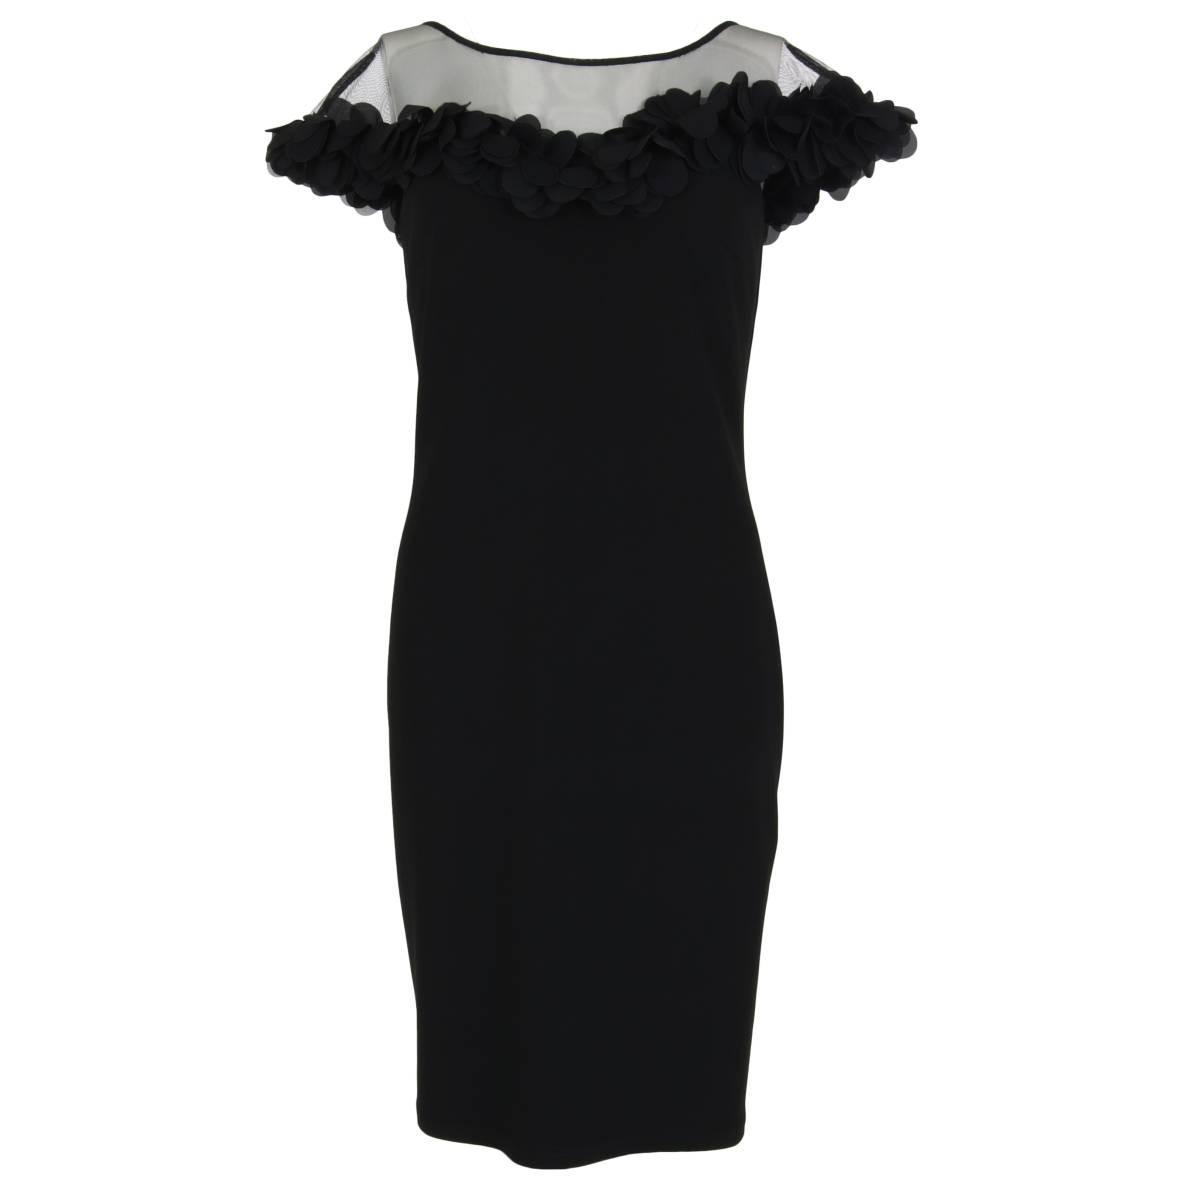 Formal Schön Abendkleid Joseph Ribkoff BoutiqueFormal Luxurius Abendkleid Joseph Ribkoff Spezialgebiet